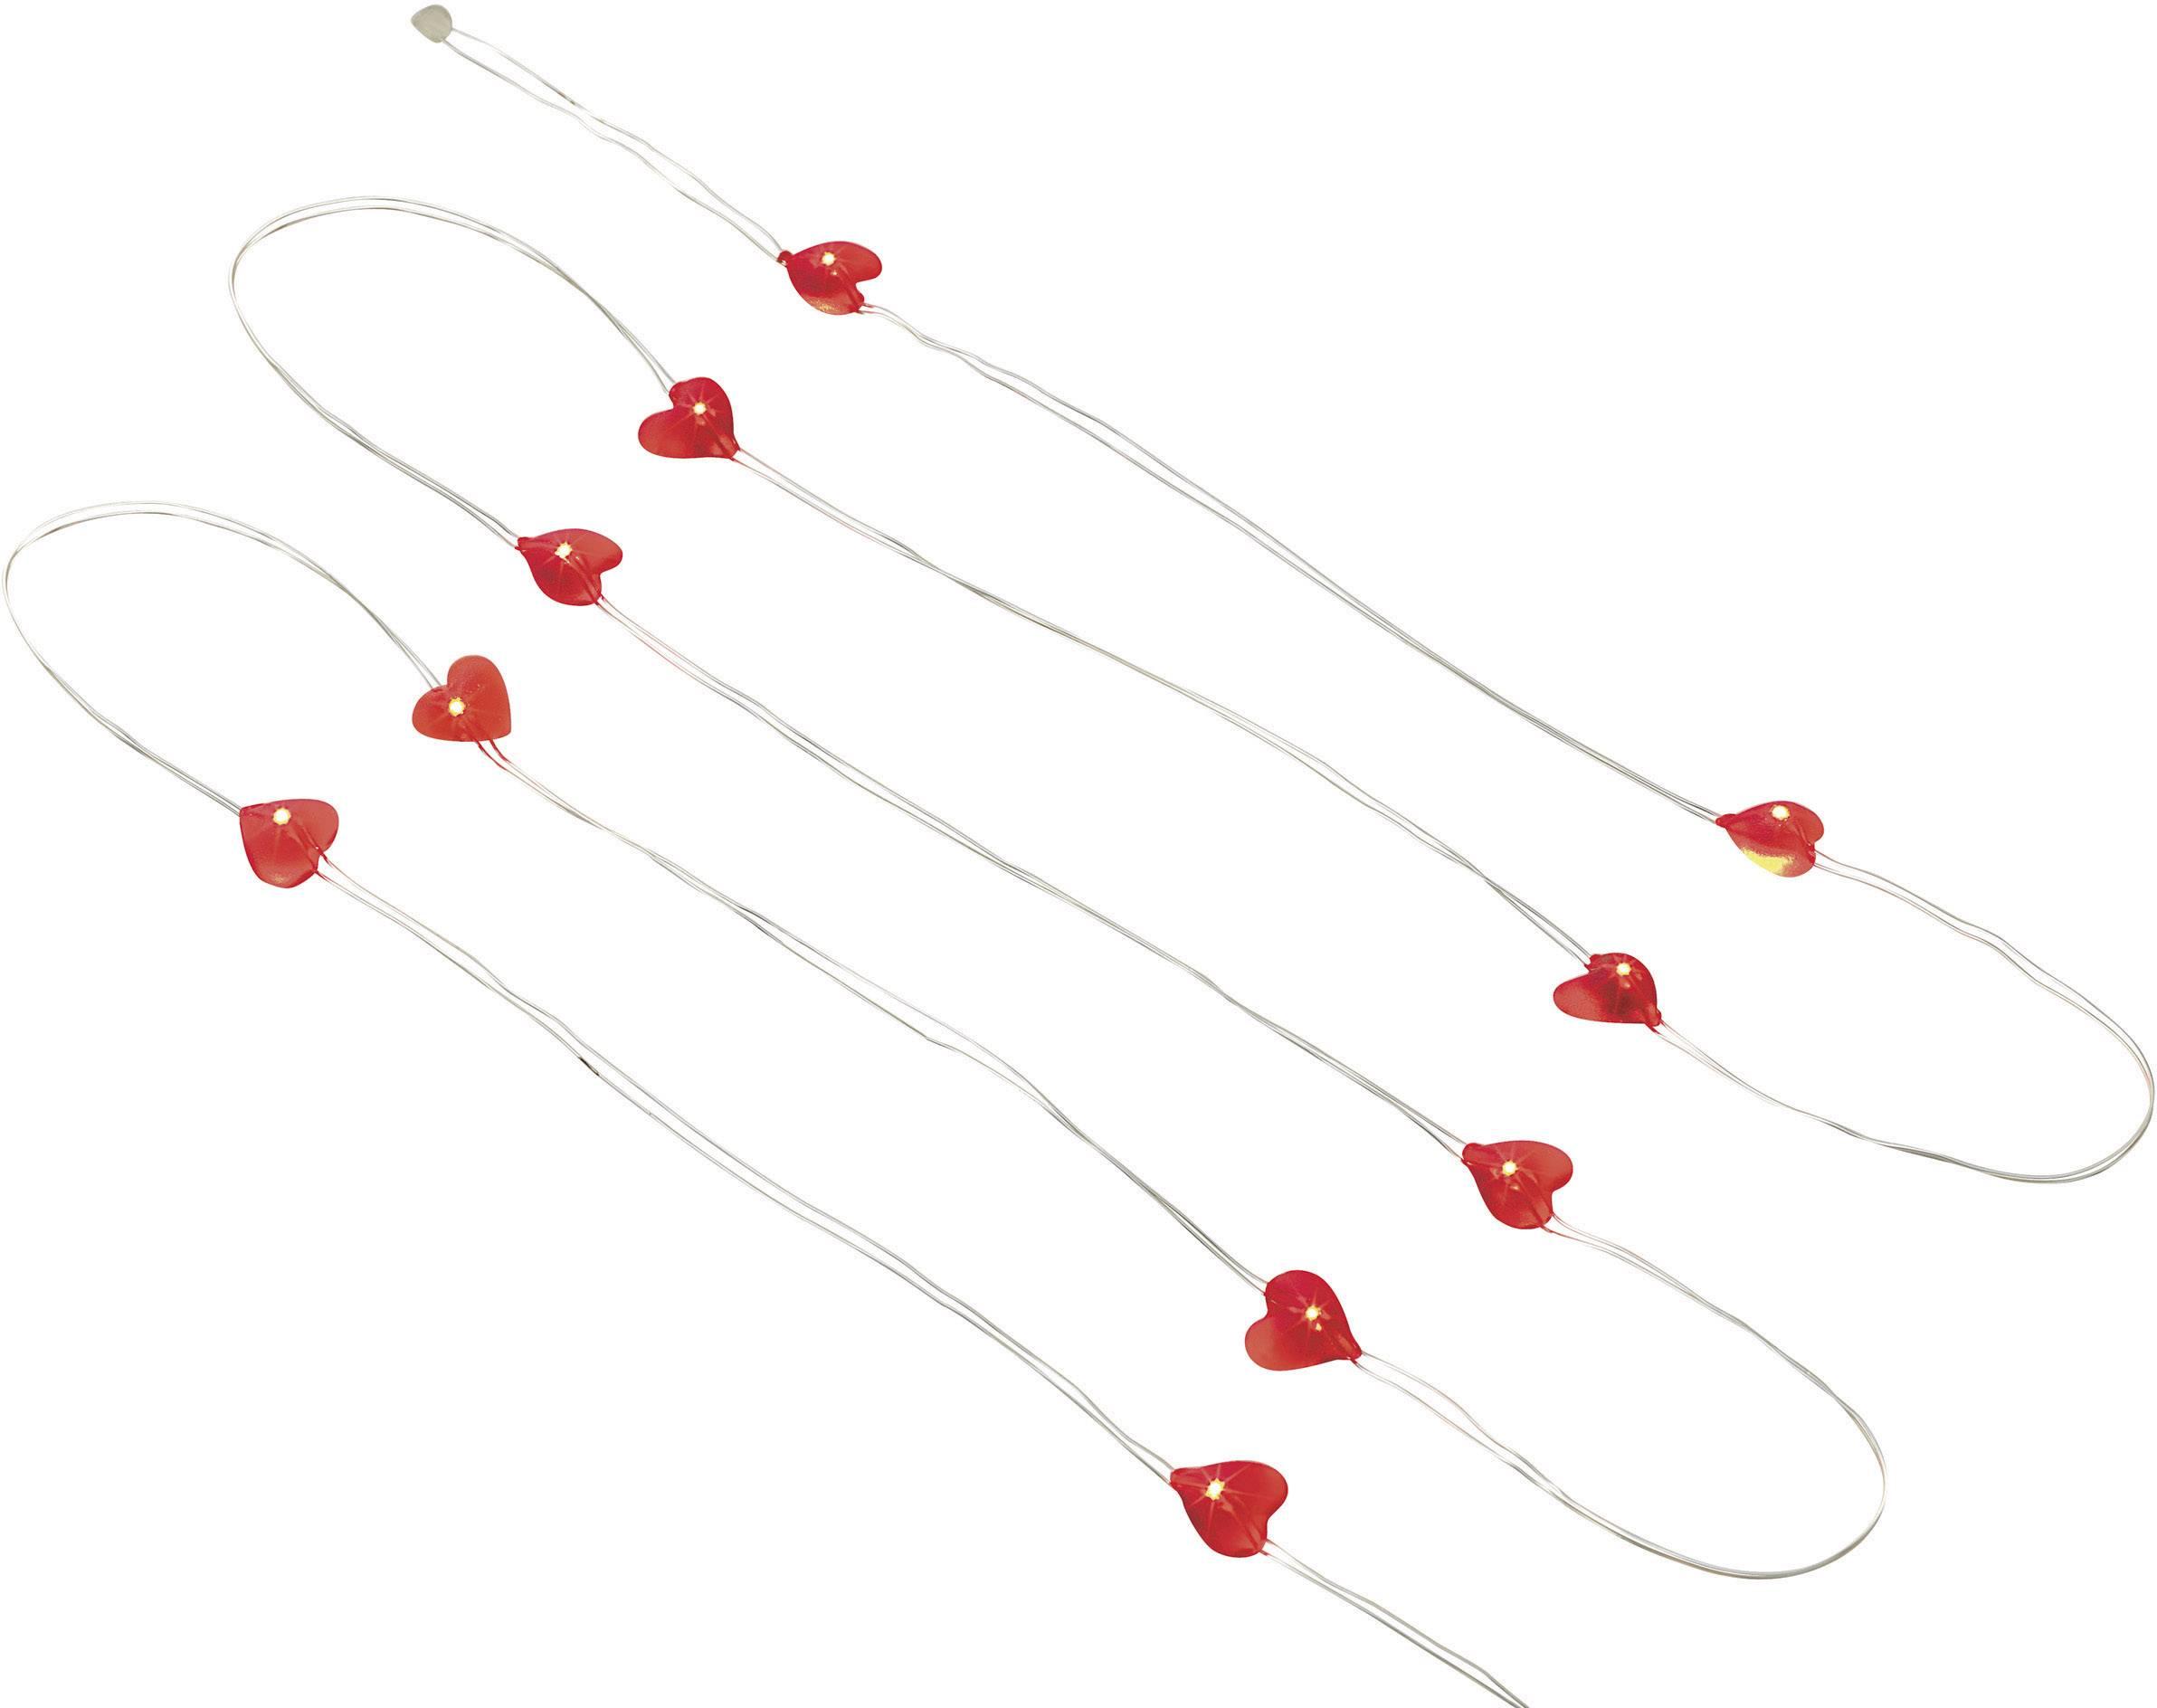 Vnitřní vánoční řetěz Polarlite, motiv srdce, 10 LED, červená